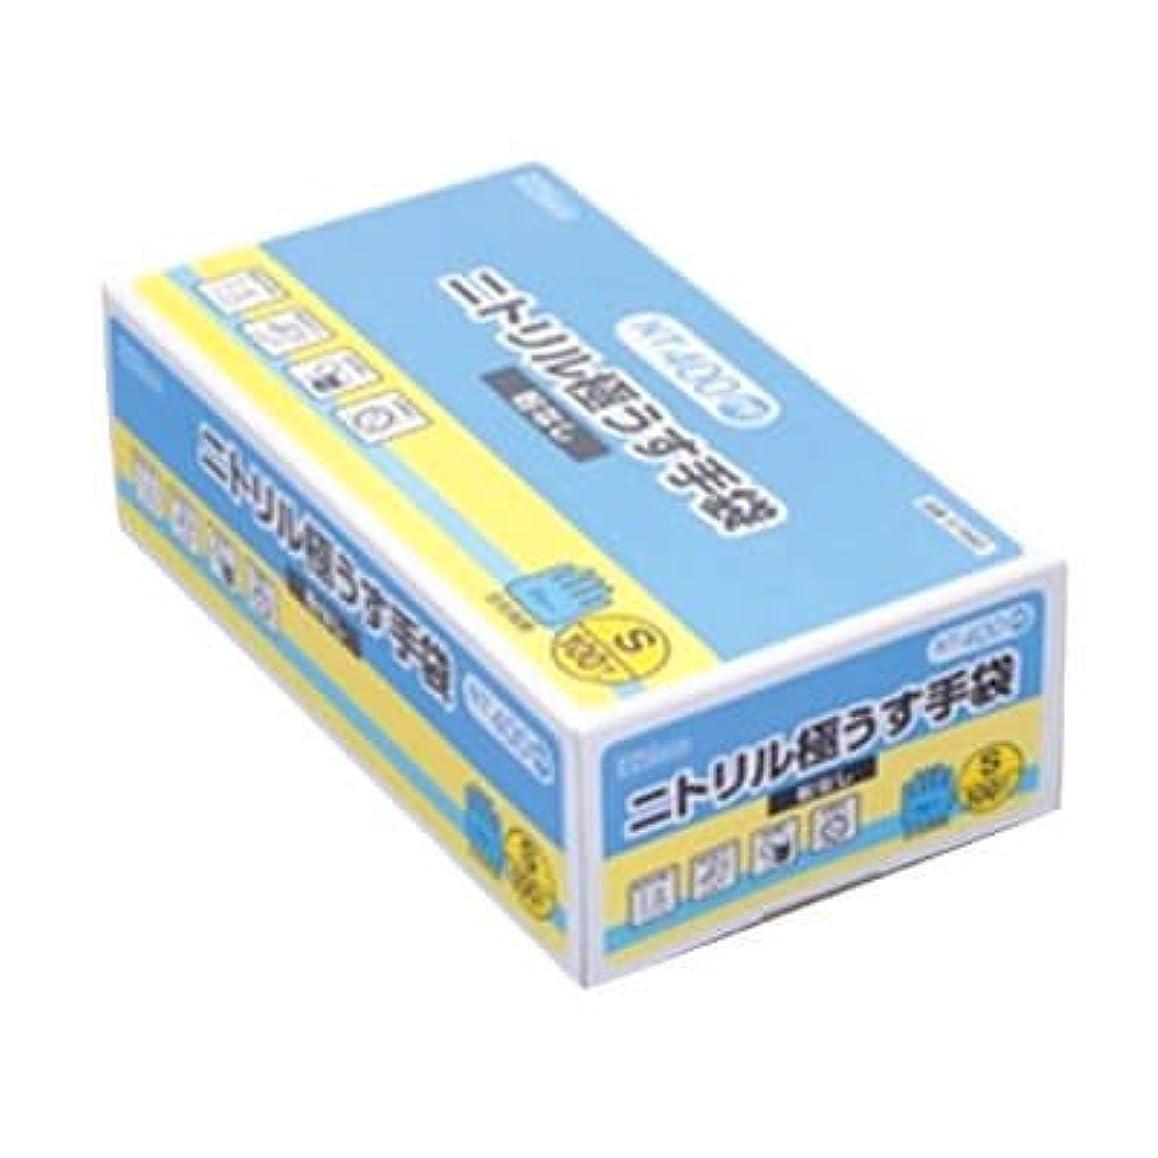 ウィンク以上シンプトン【ケース販売】 ダンロップ ニトリル極うす手袋 粉無 S ブルー NT-400 (100枚入×20箱)